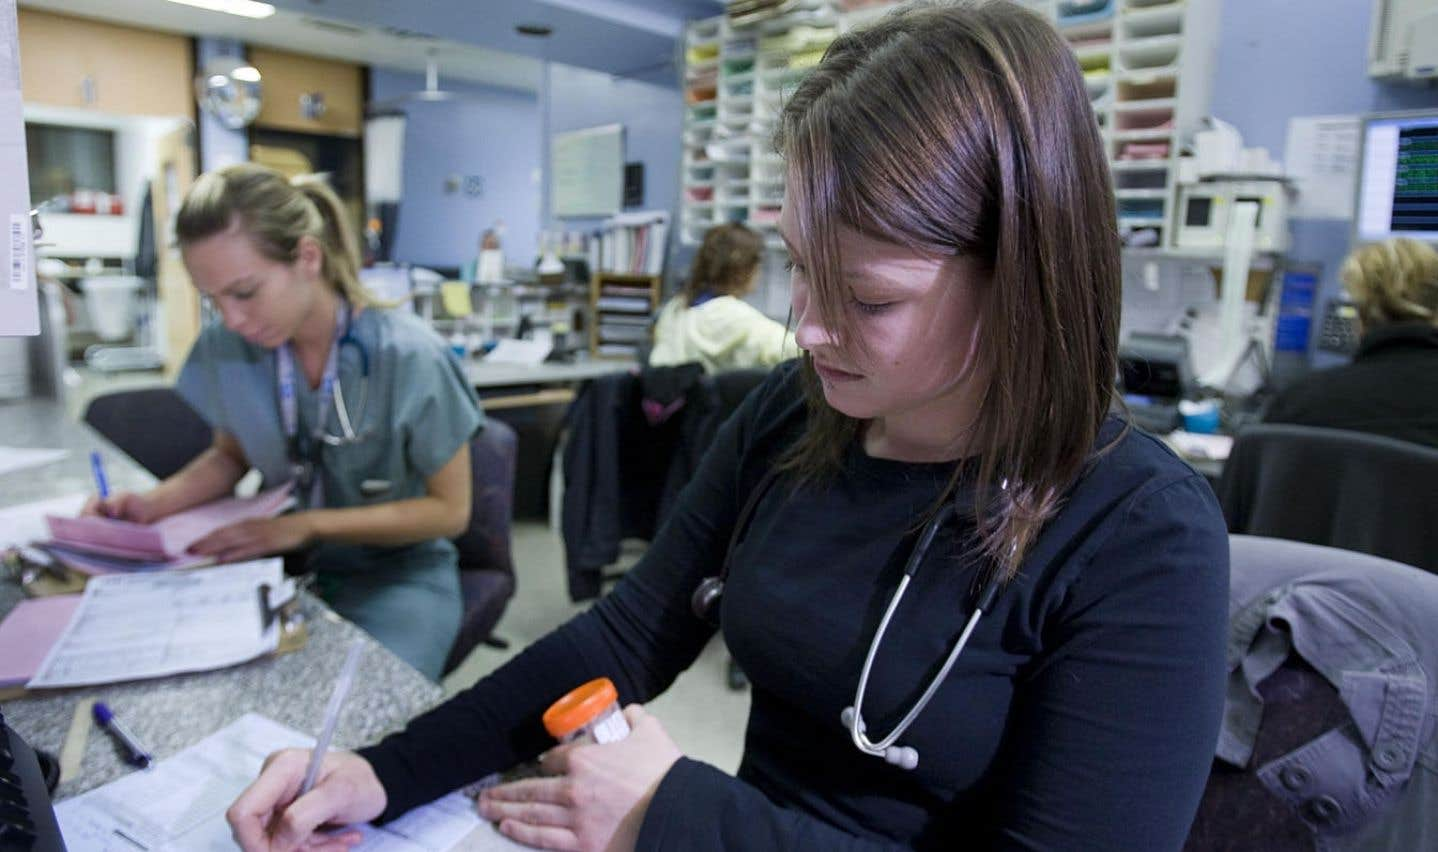 «L'infirmière d'aujourd'hui demeure compétente, mais il faut donner à la relève la formation nécessaire pour prendre le virage, pour assurer un meilleur suivi, une meilleure accessibilité aux soins », croit-on à l'OIIQ.